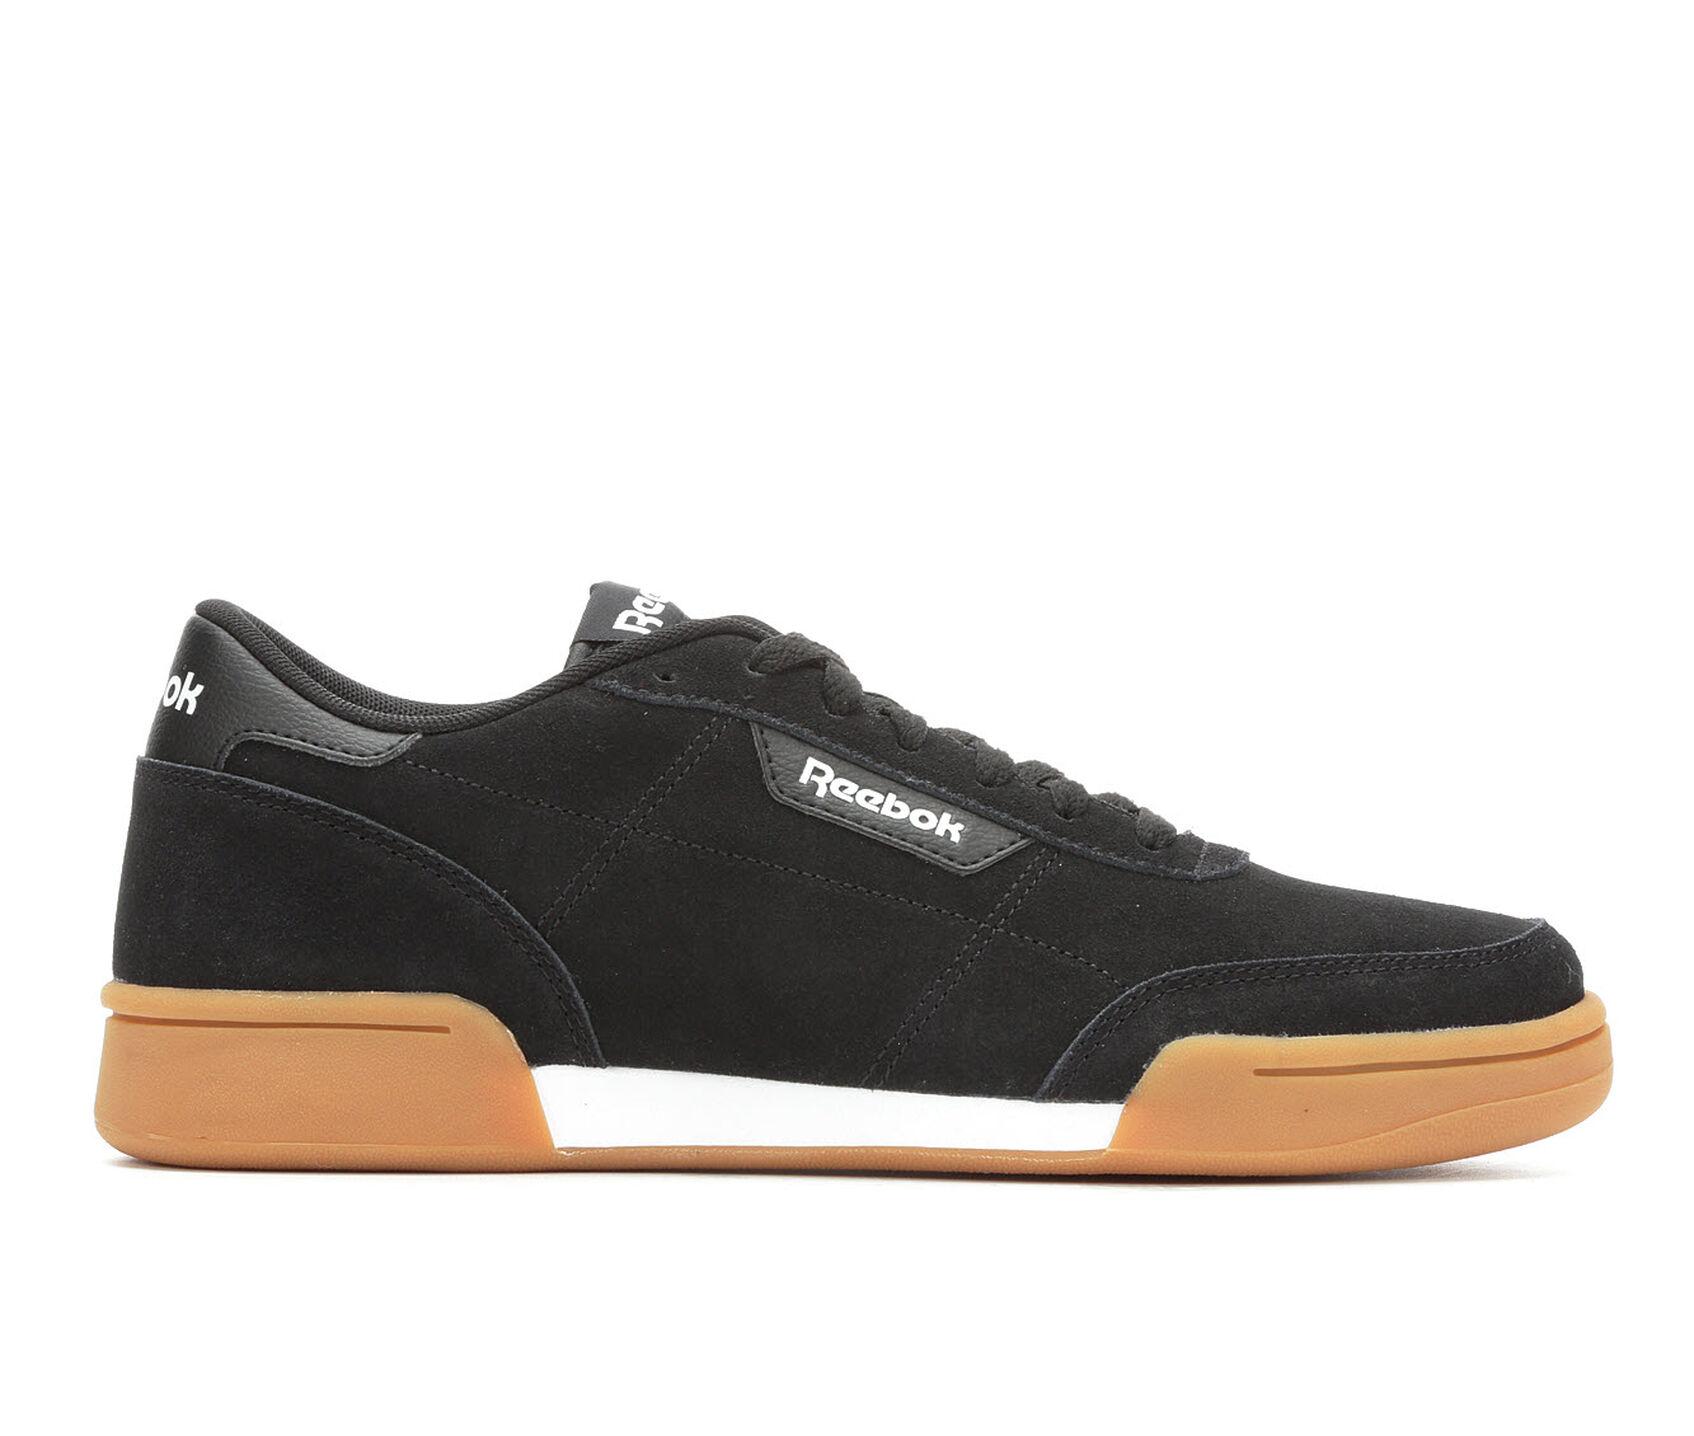 8a54071d Men's Reebok Royal Heredis Tennis Shoes